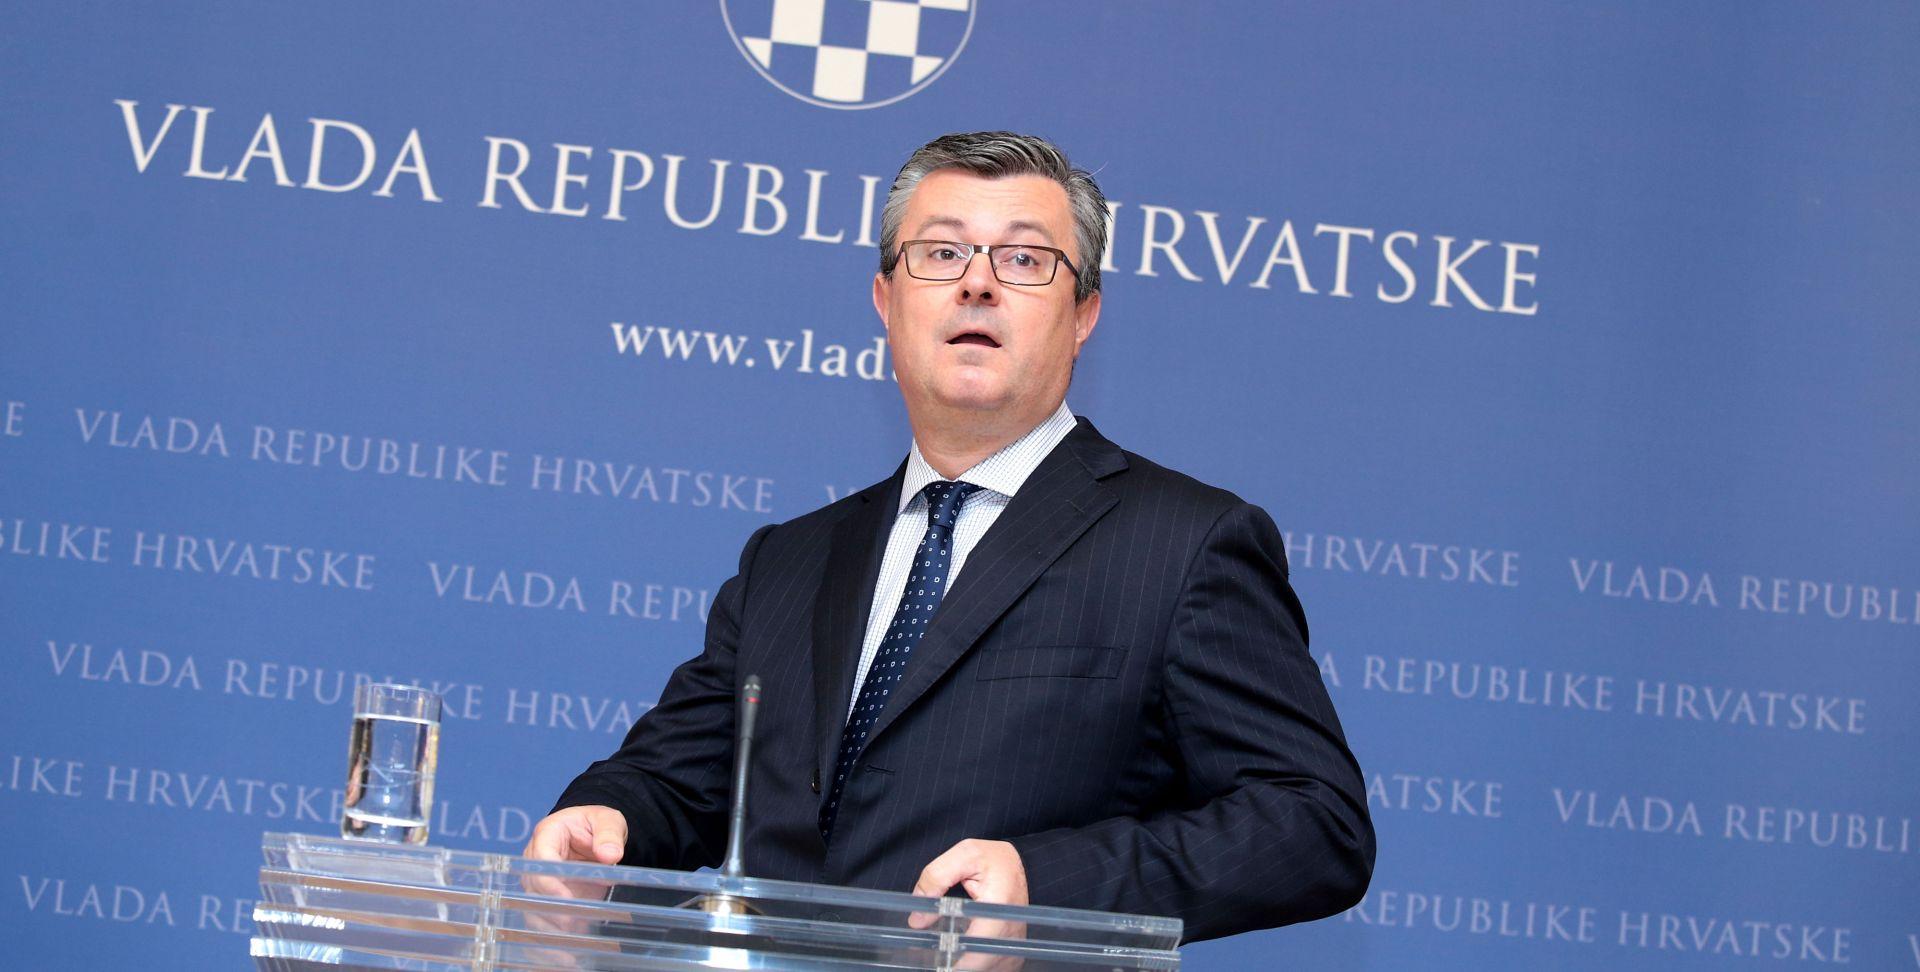 Orešković: Vlada razmatra mogućnost pomoći Petrokemiji s 200 milijuna kuna